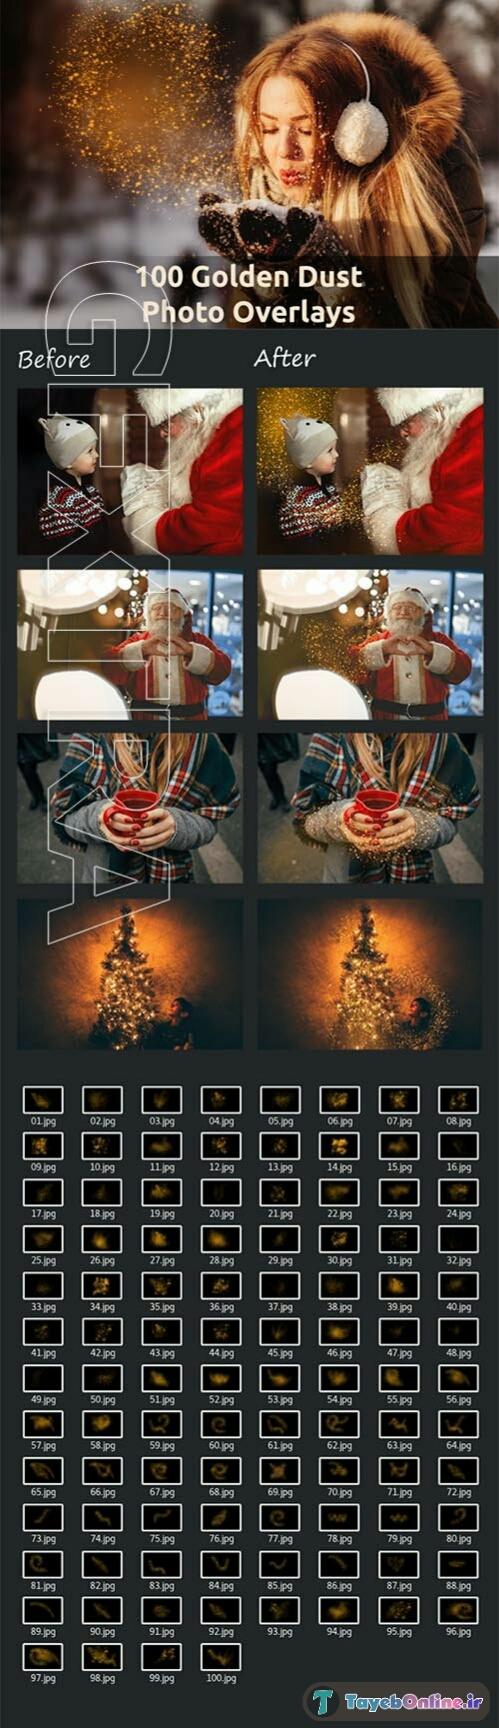 دانلود مجموعه آماده 100 Golden Dust Photo Overlays